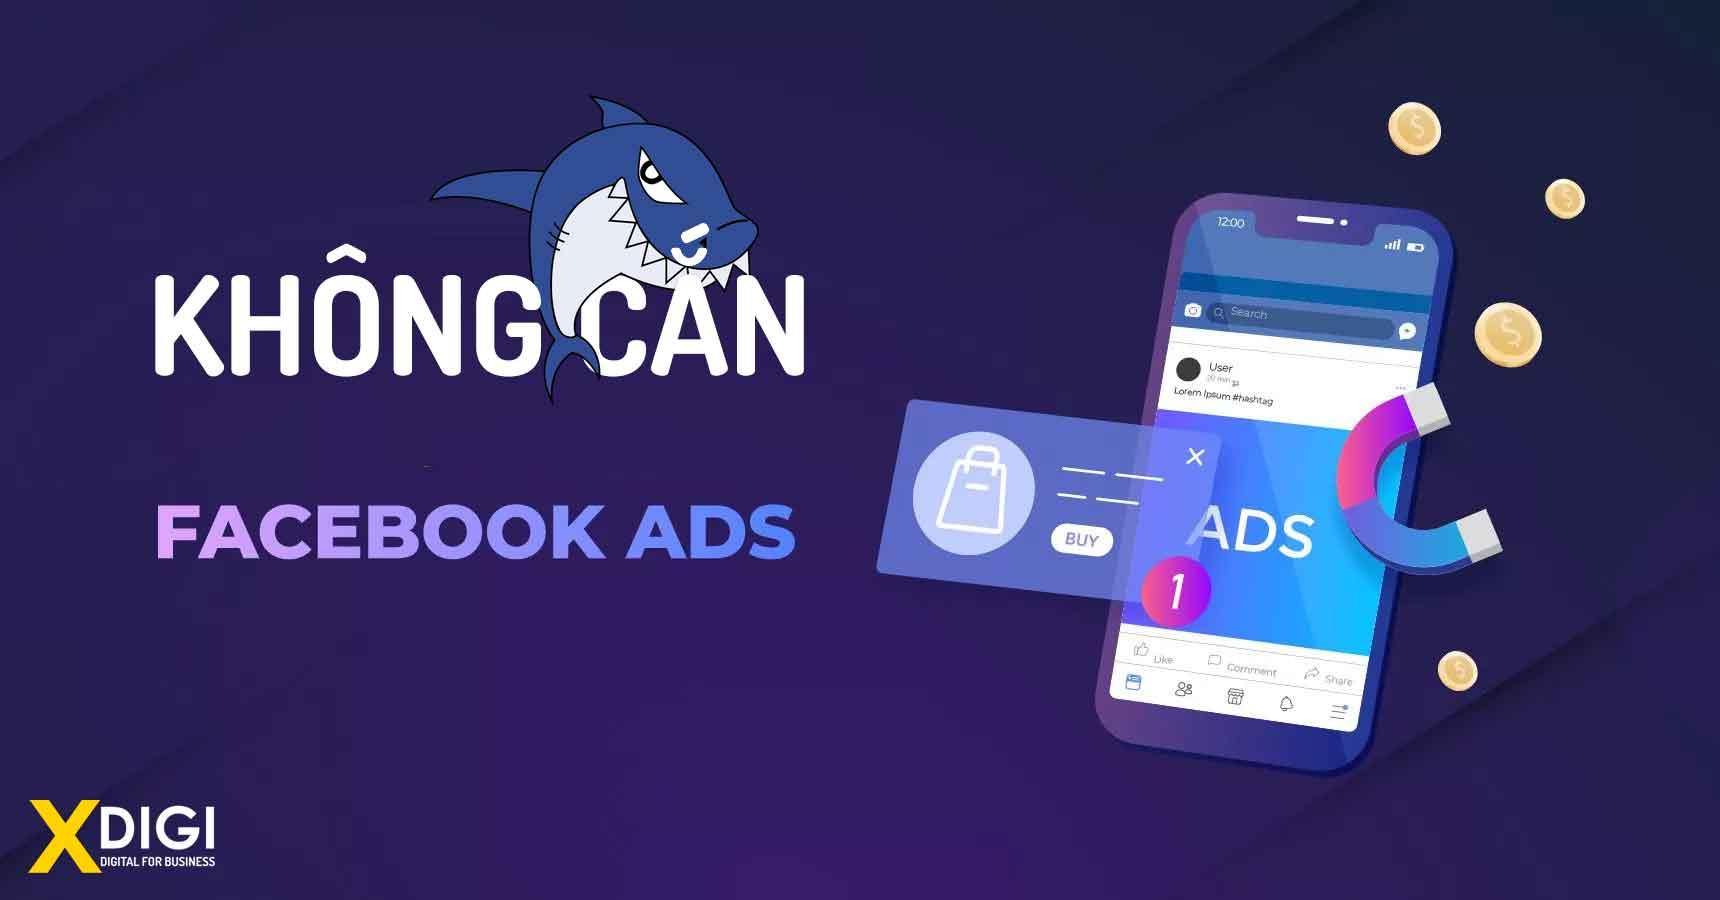 Quảng cáo Facebook hoạt động nhưng không phân phối, không cắn tiền?